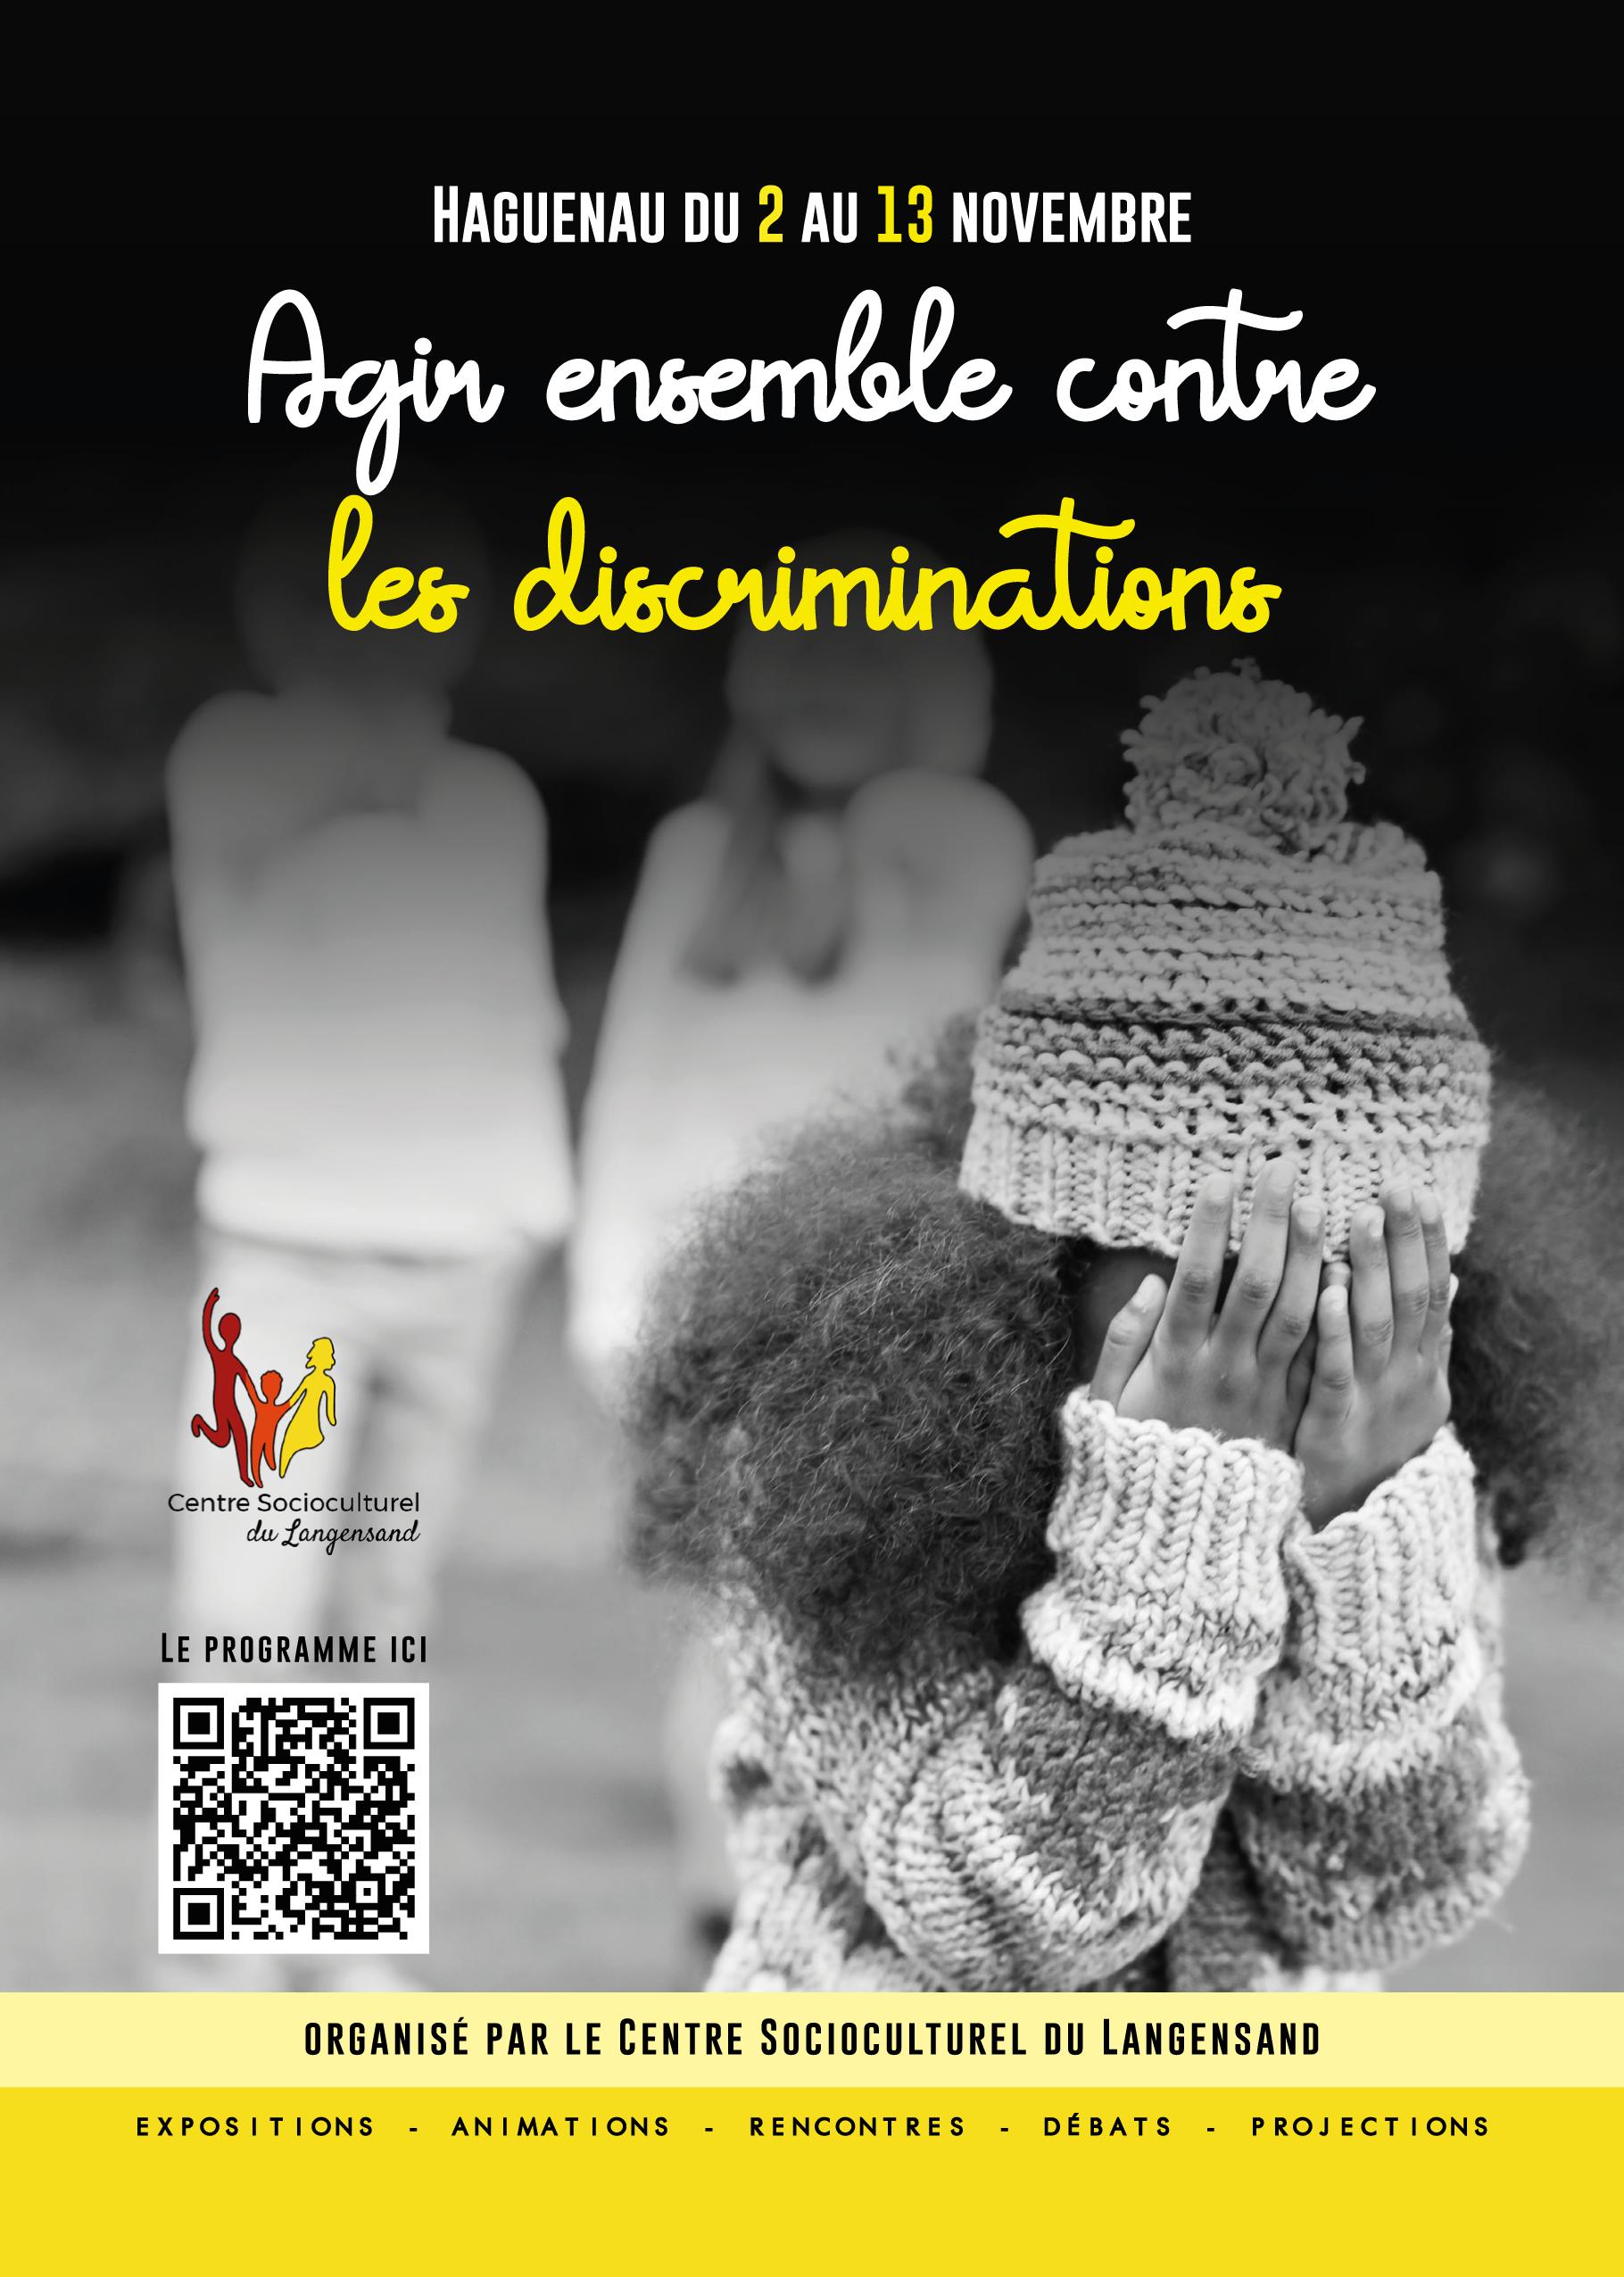 Agir ensemble contre les discriminations - programme